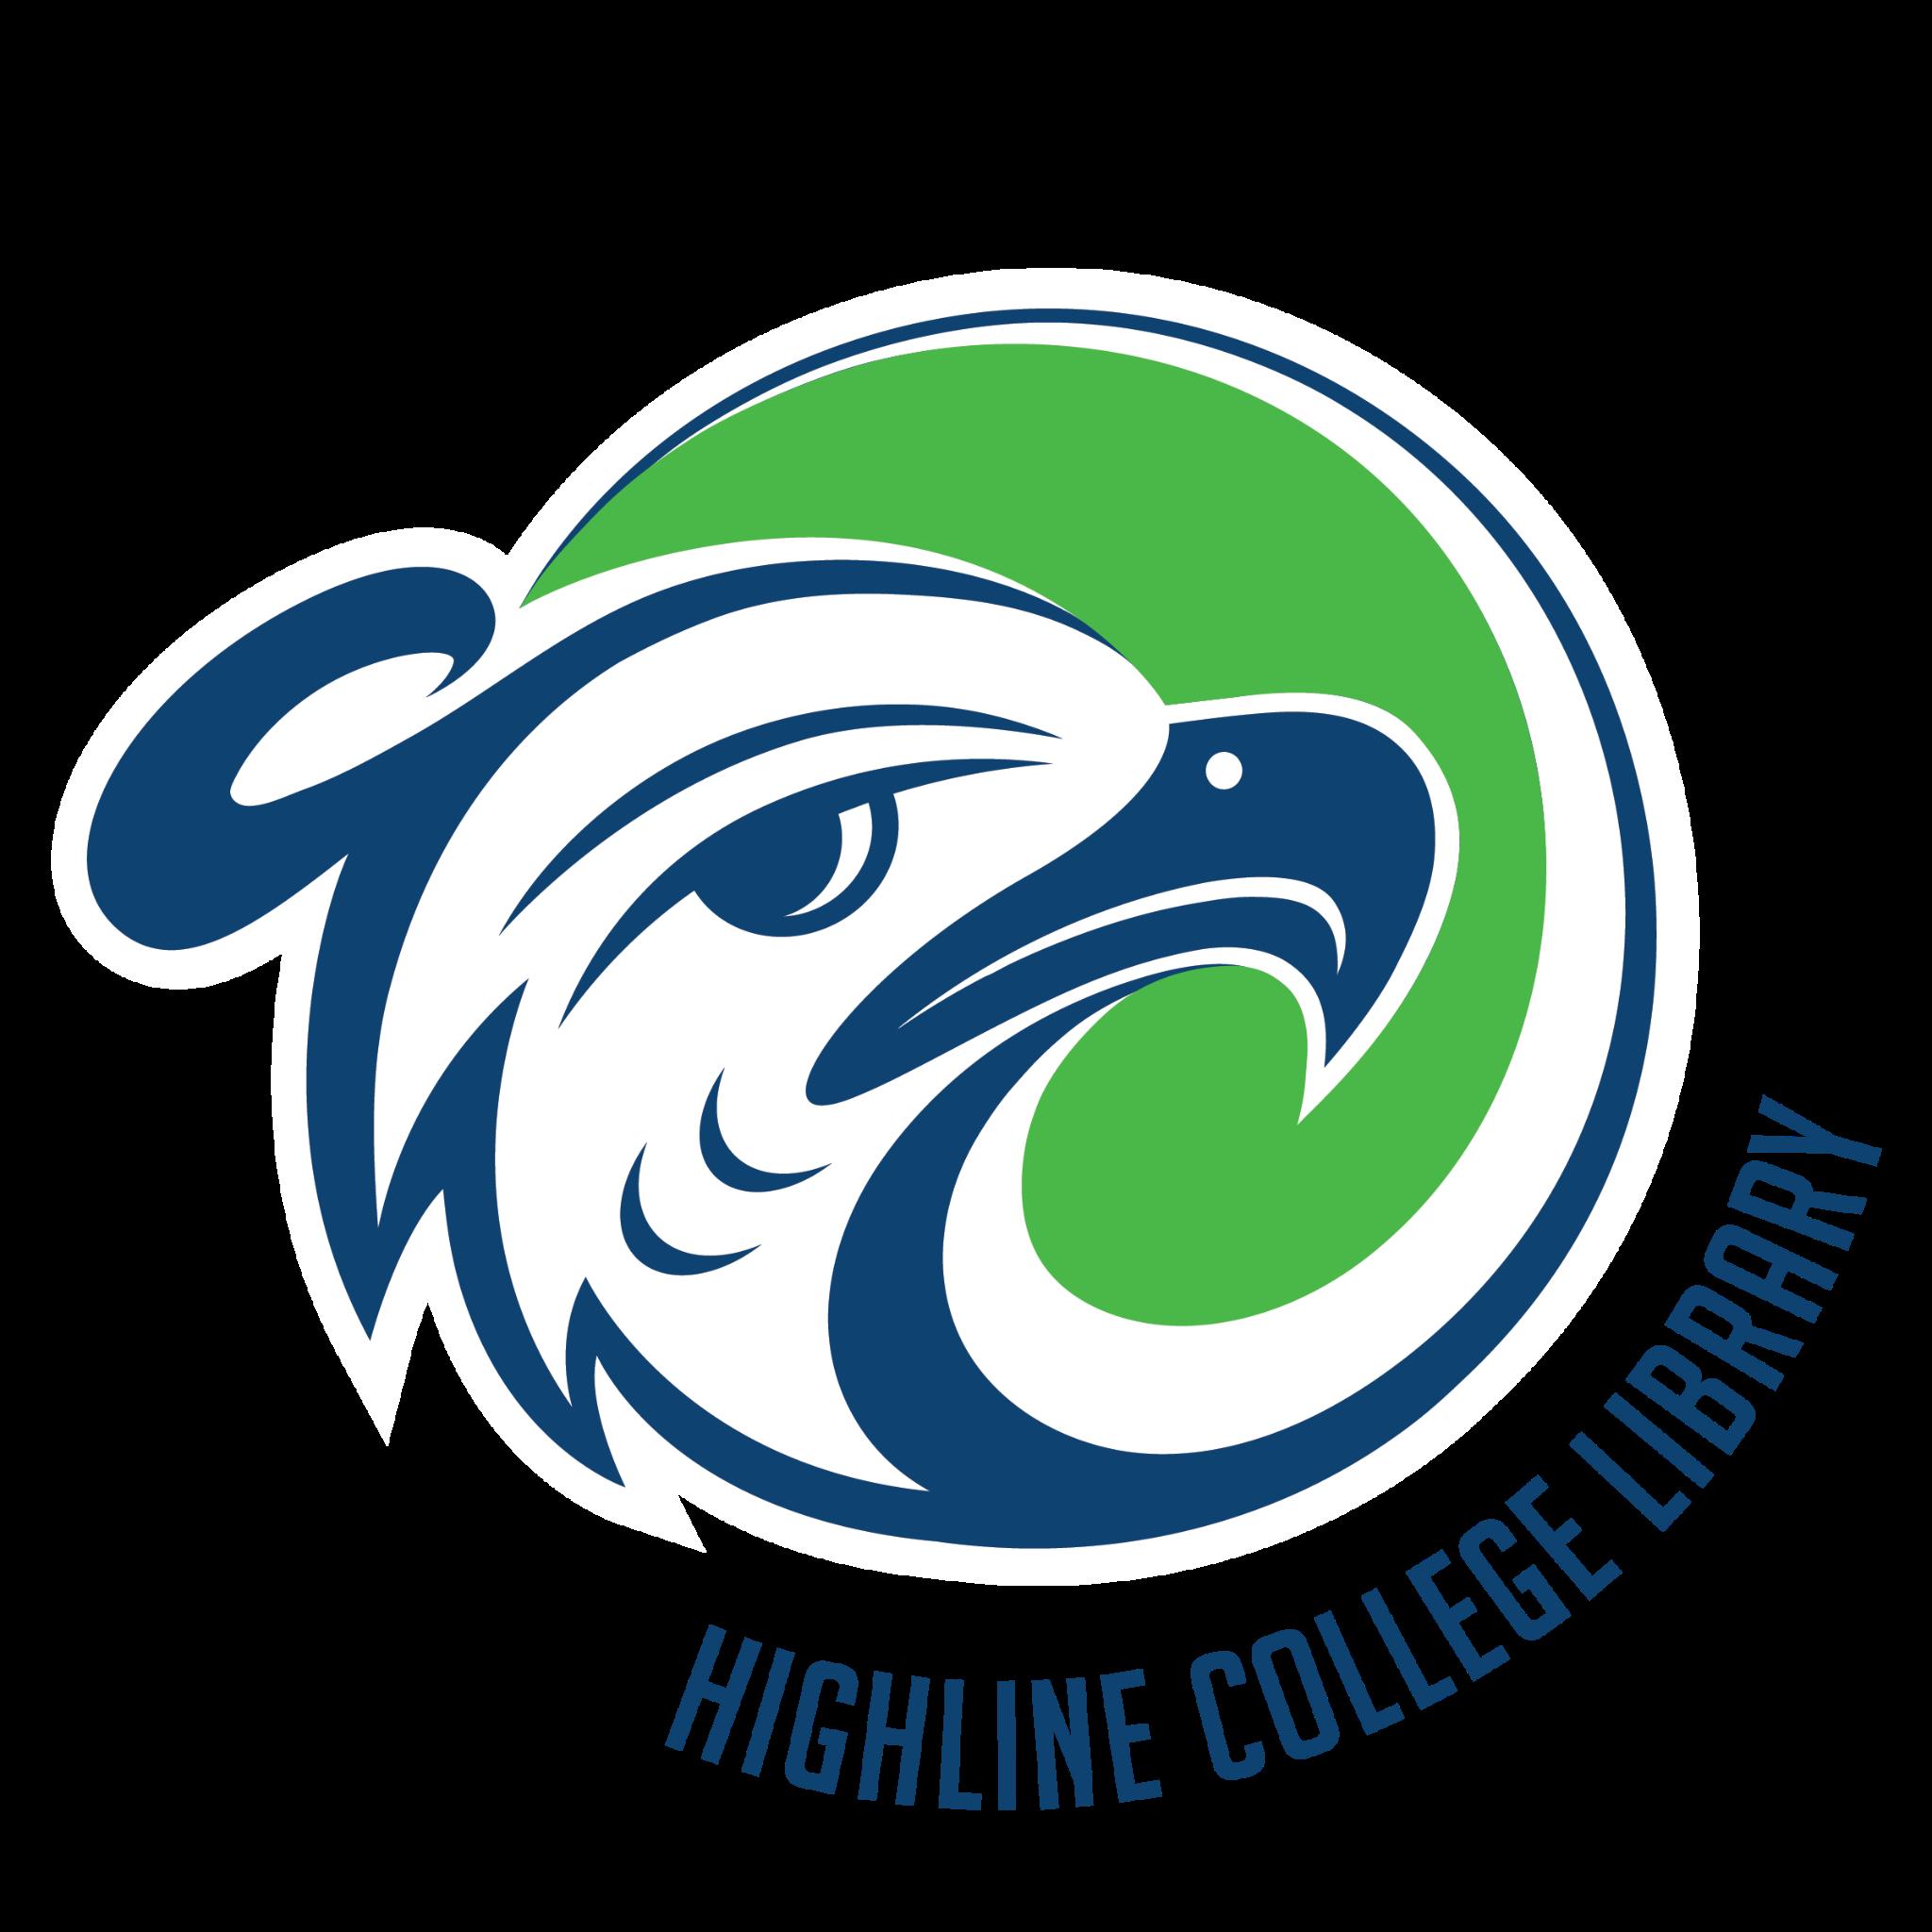 highline library logo